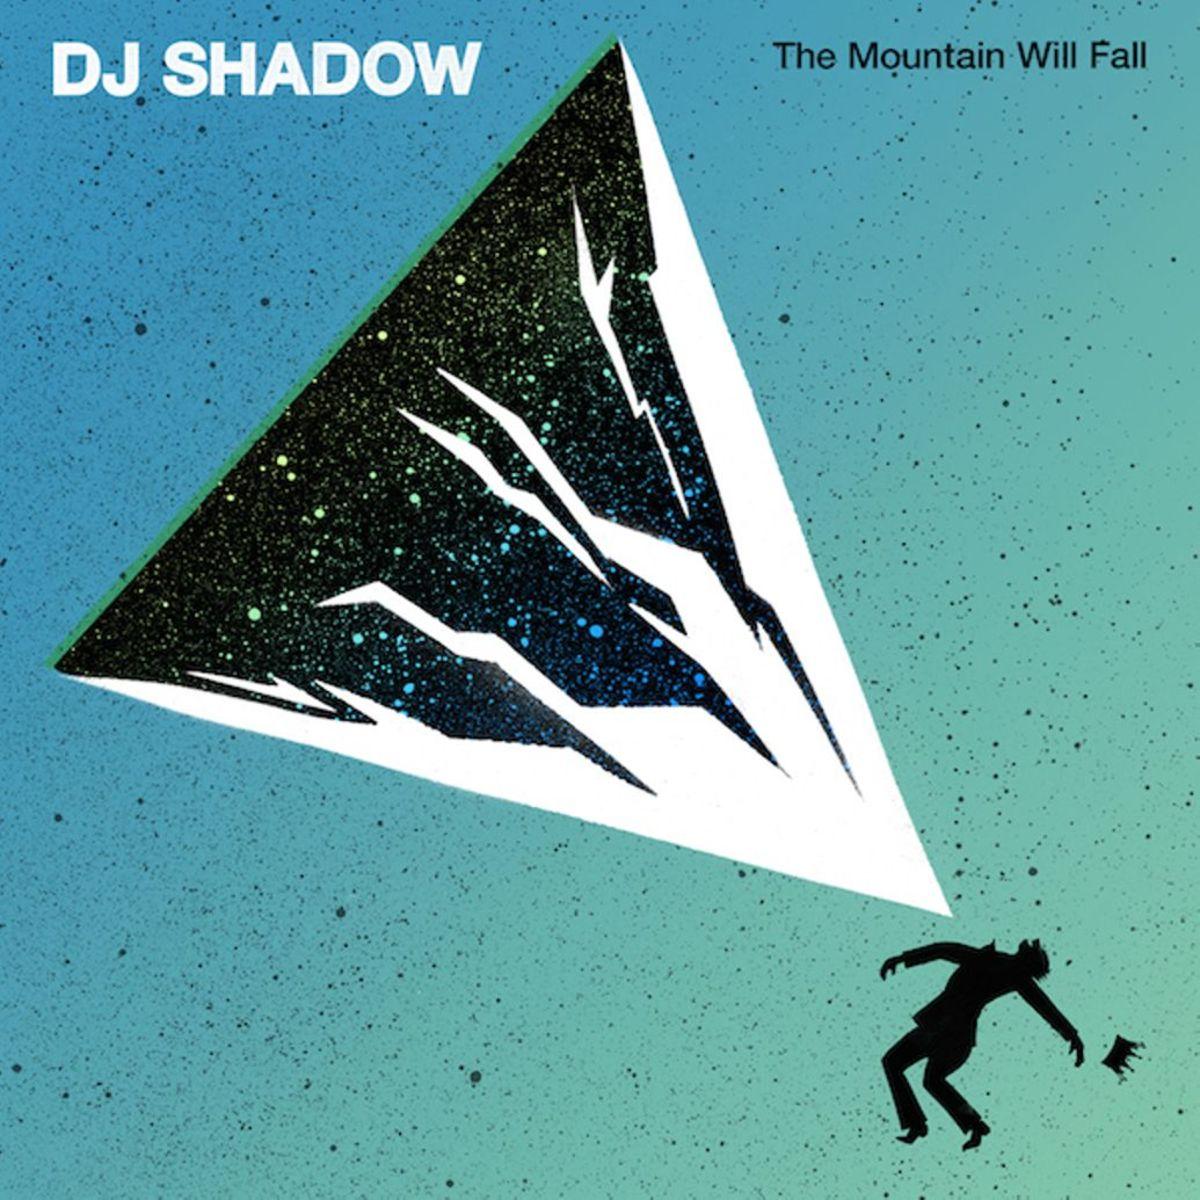 1035x1035-COVER-DJ-Shadow-TMWF-1500x1500.jpg